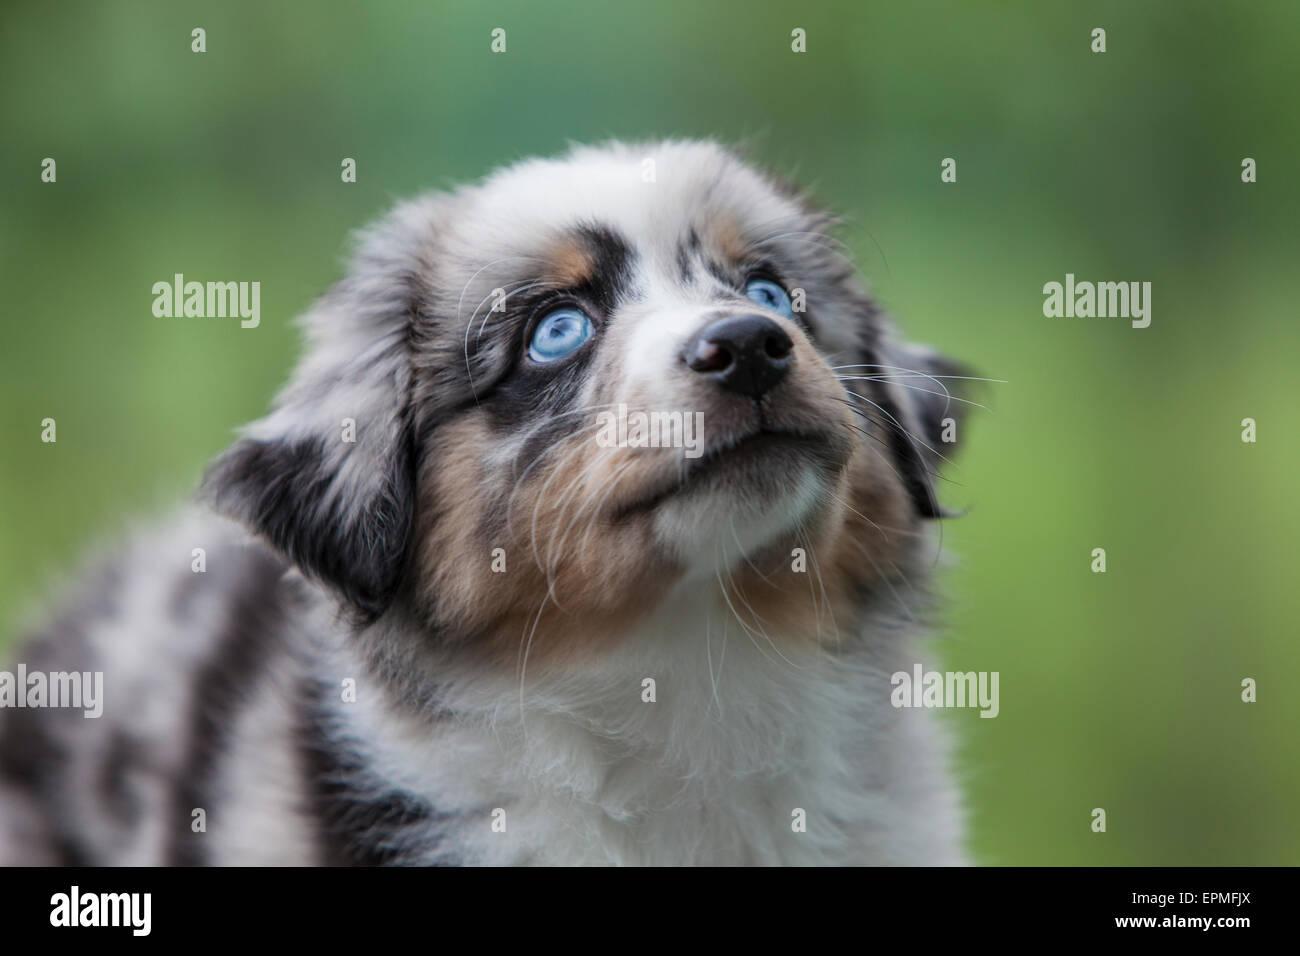 Cachorros Pastor Australiano son ágiles, enérgico y maduran en valorados los perros pastores y leales Imagen De Stock